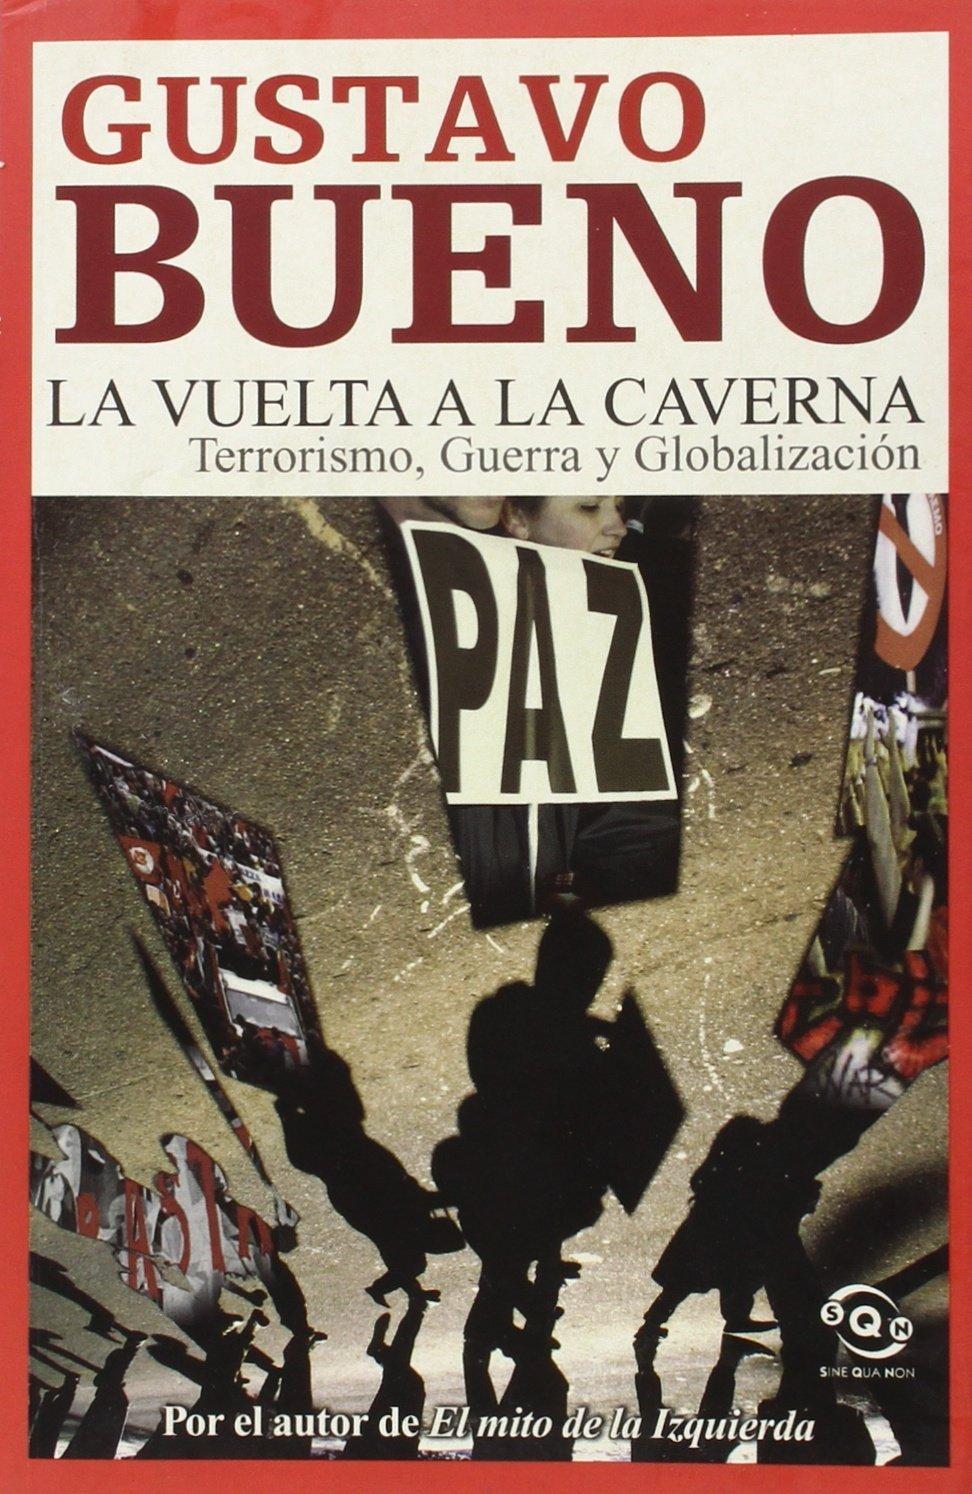 La vuelta a la caverna terrorismo, Guerra y globalizacion: Amazon.es: Bueno, Gustavo: Libros